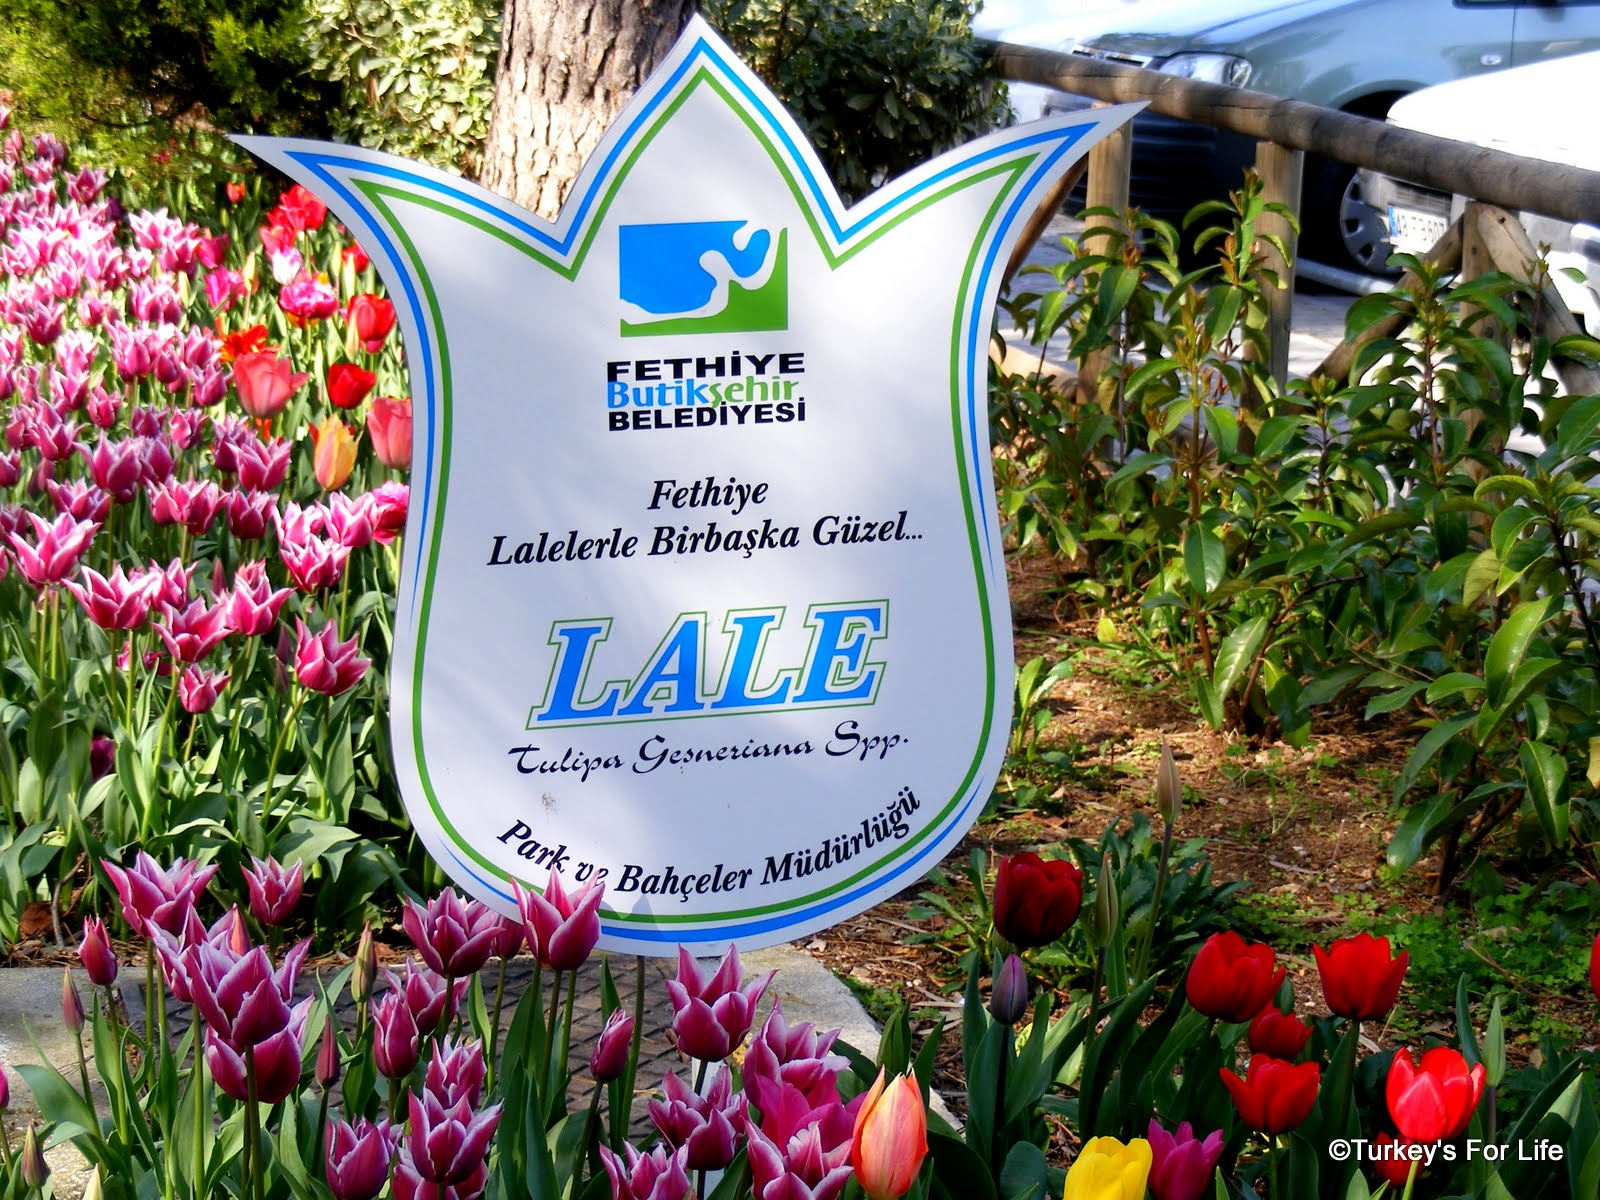 http://1.bp.blogspot.com/-7BXrdyt7h38/T1z6Kji_-5I/AAAAAAAAD9w/cvh2ywDycD0/s1600/Fethiye+Tulips+Turkey-1.JPG